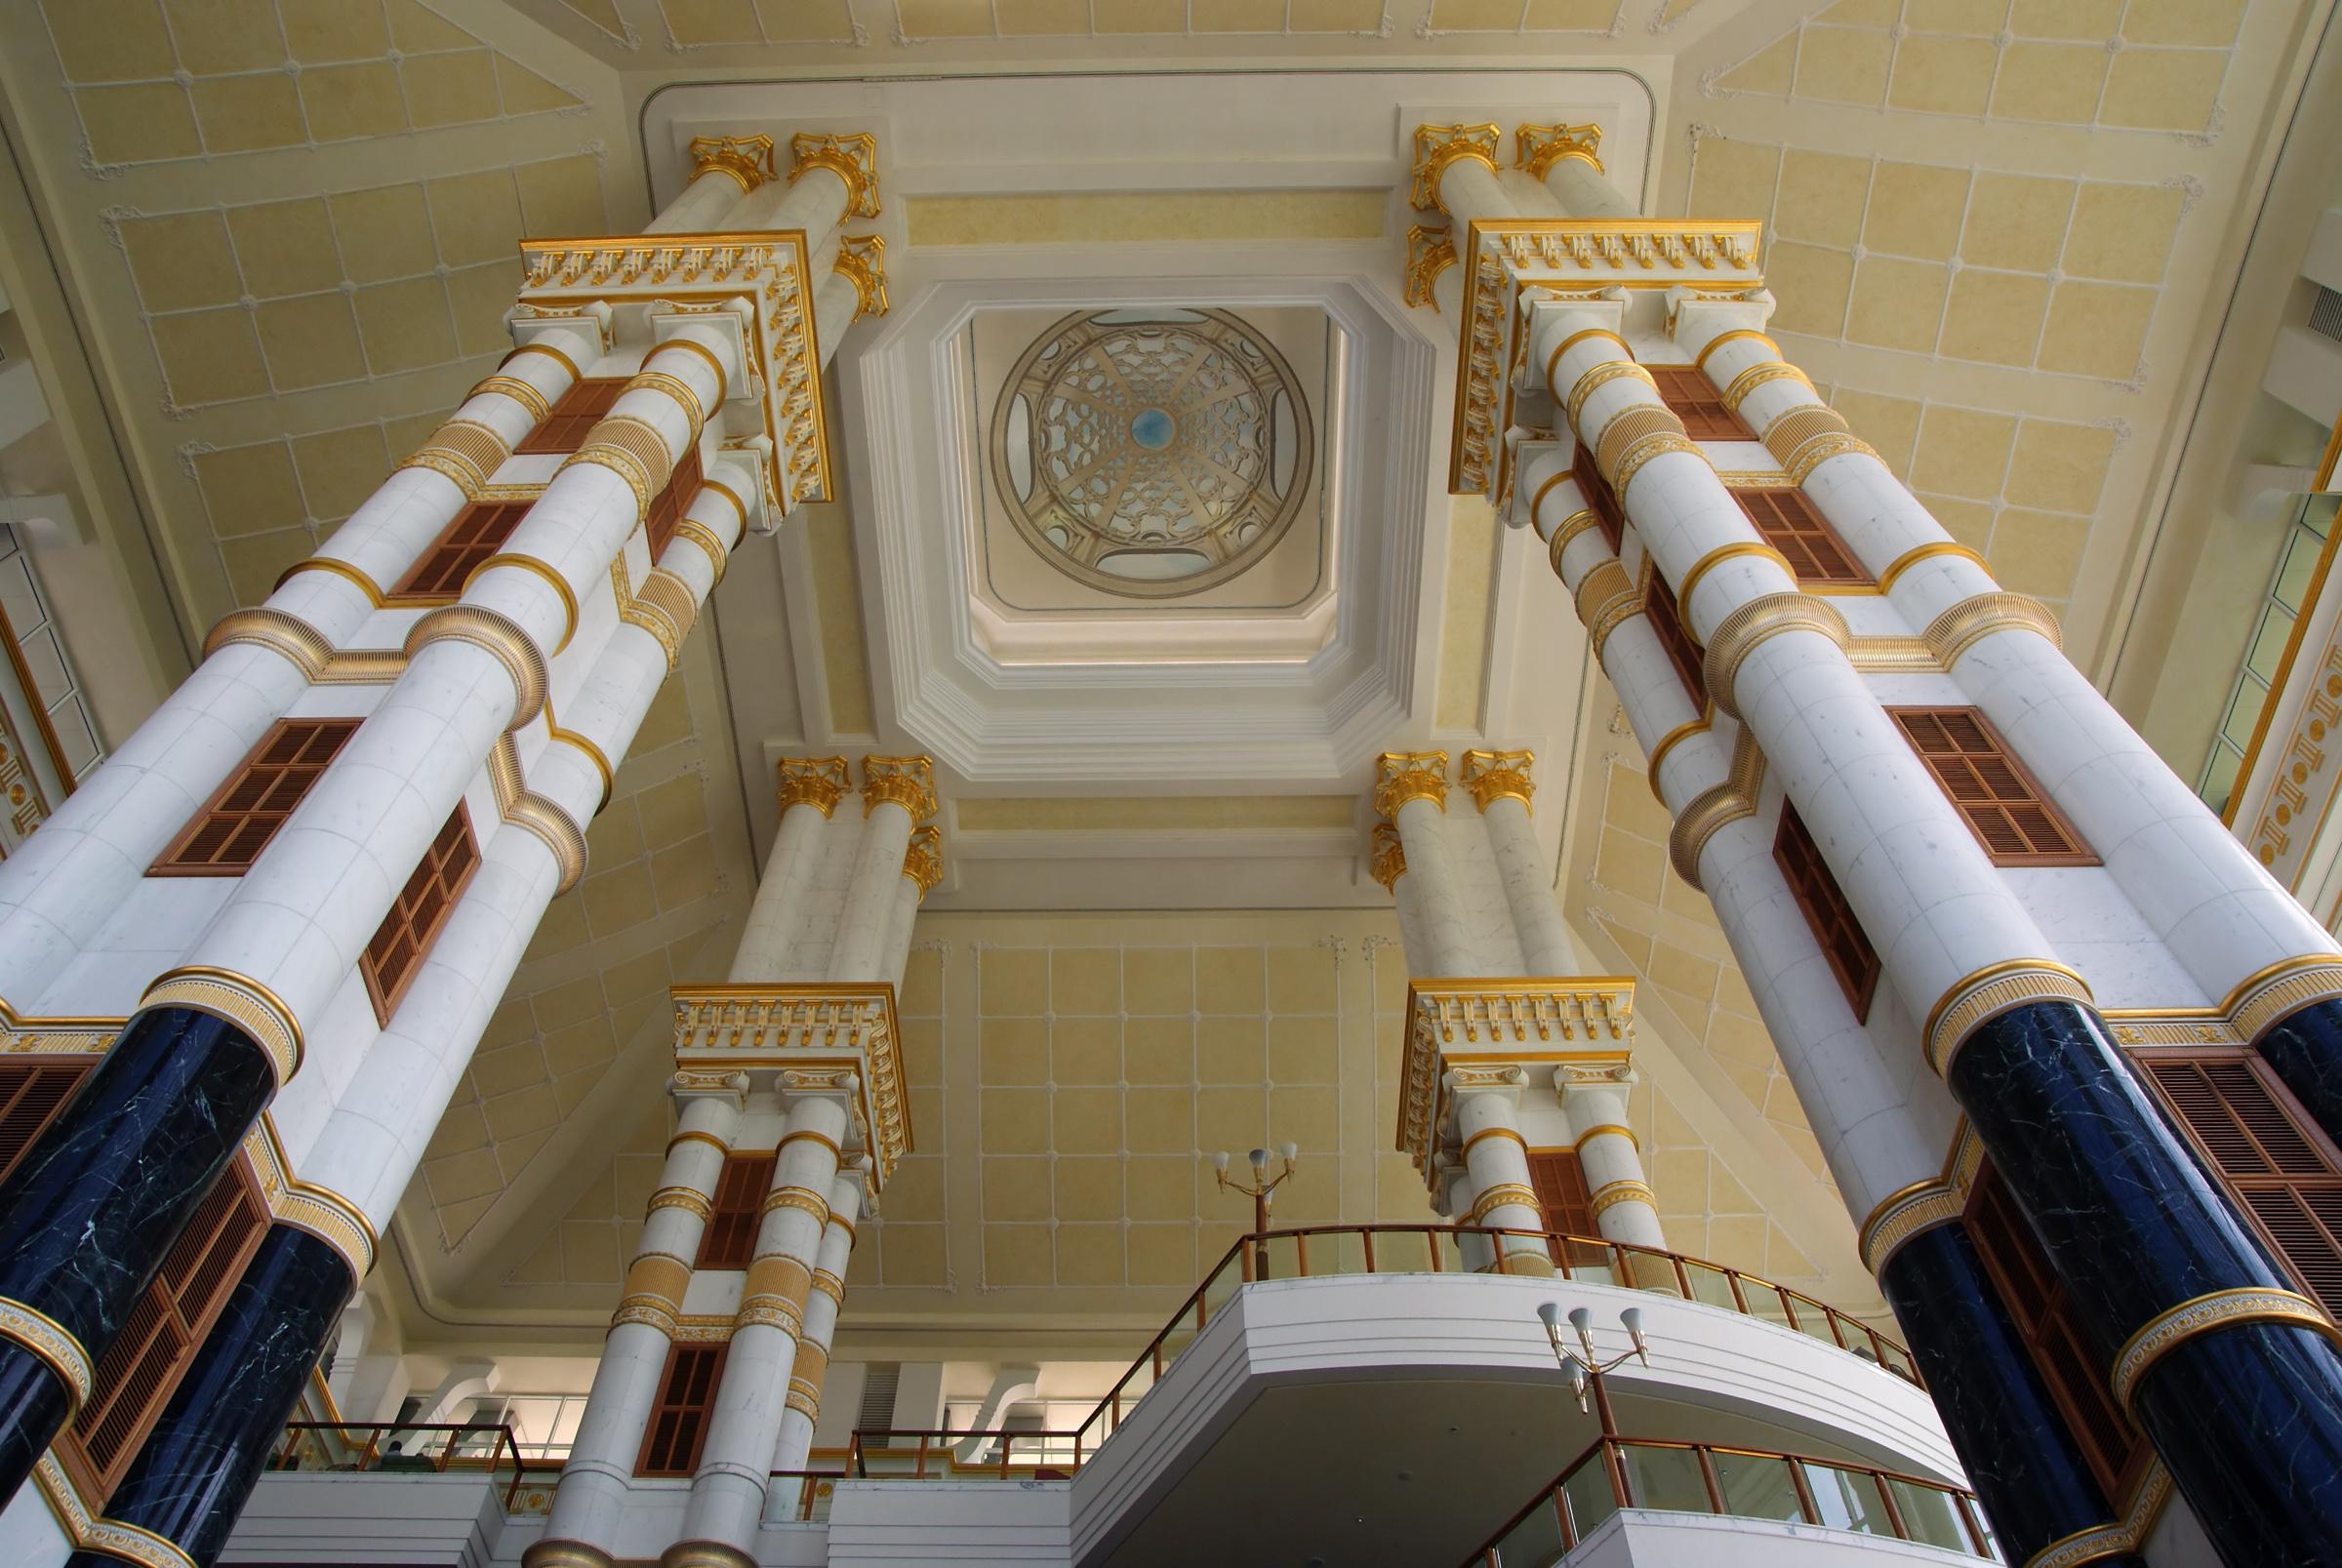 Innenarchitektur Geschichte kostenlose foto die architektur gebäude kirche anbetungsstätte